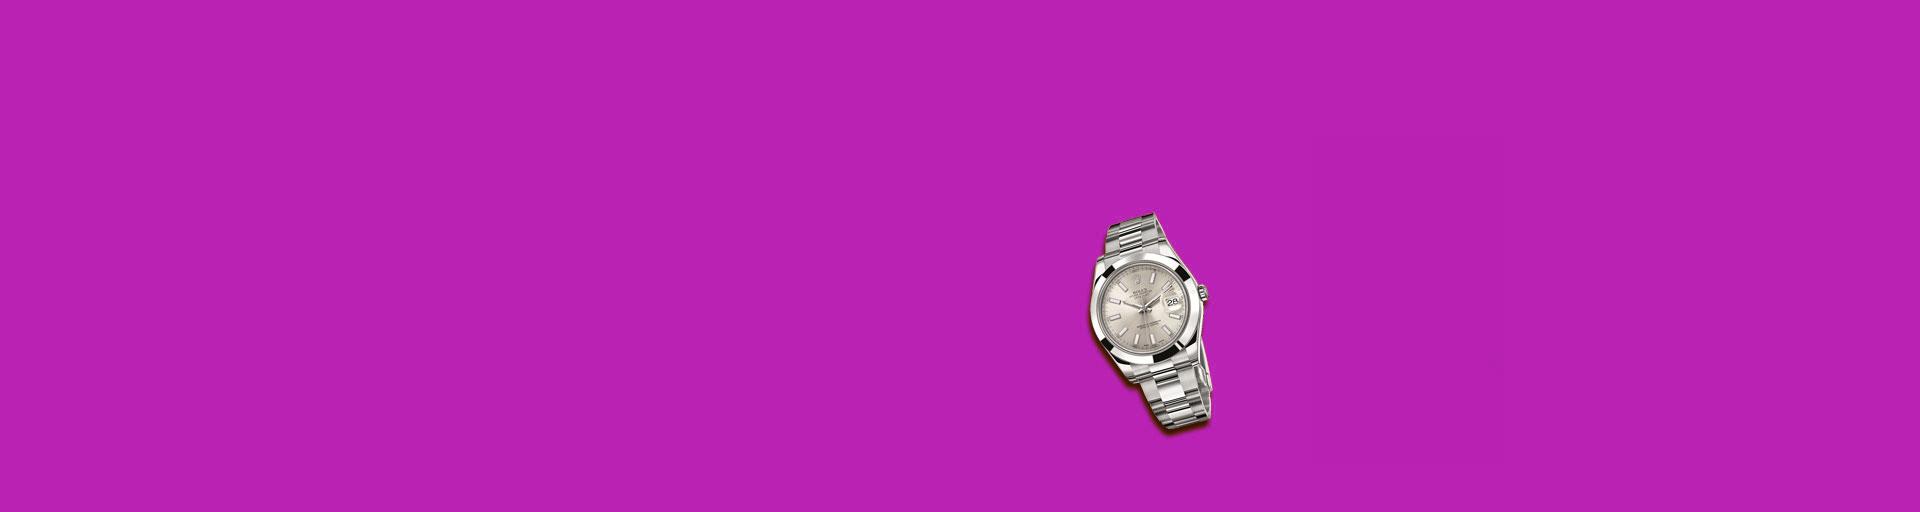 horloge verpanden